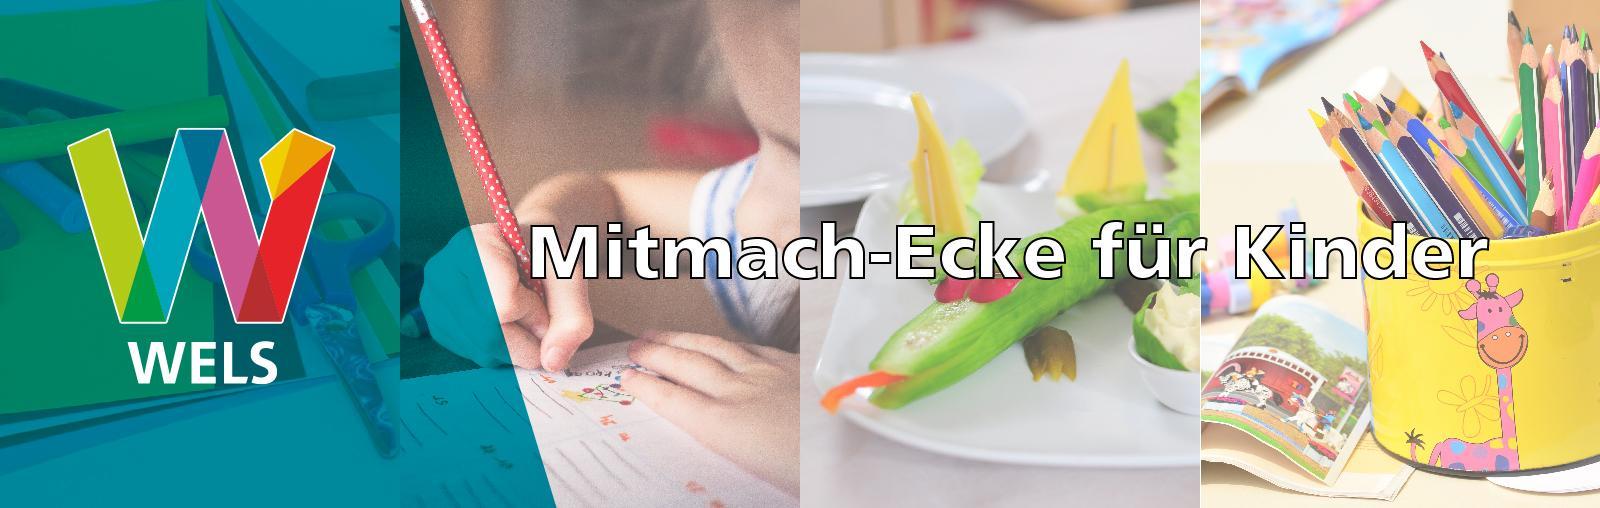 Welser Mitmach-Ecke für Kinder